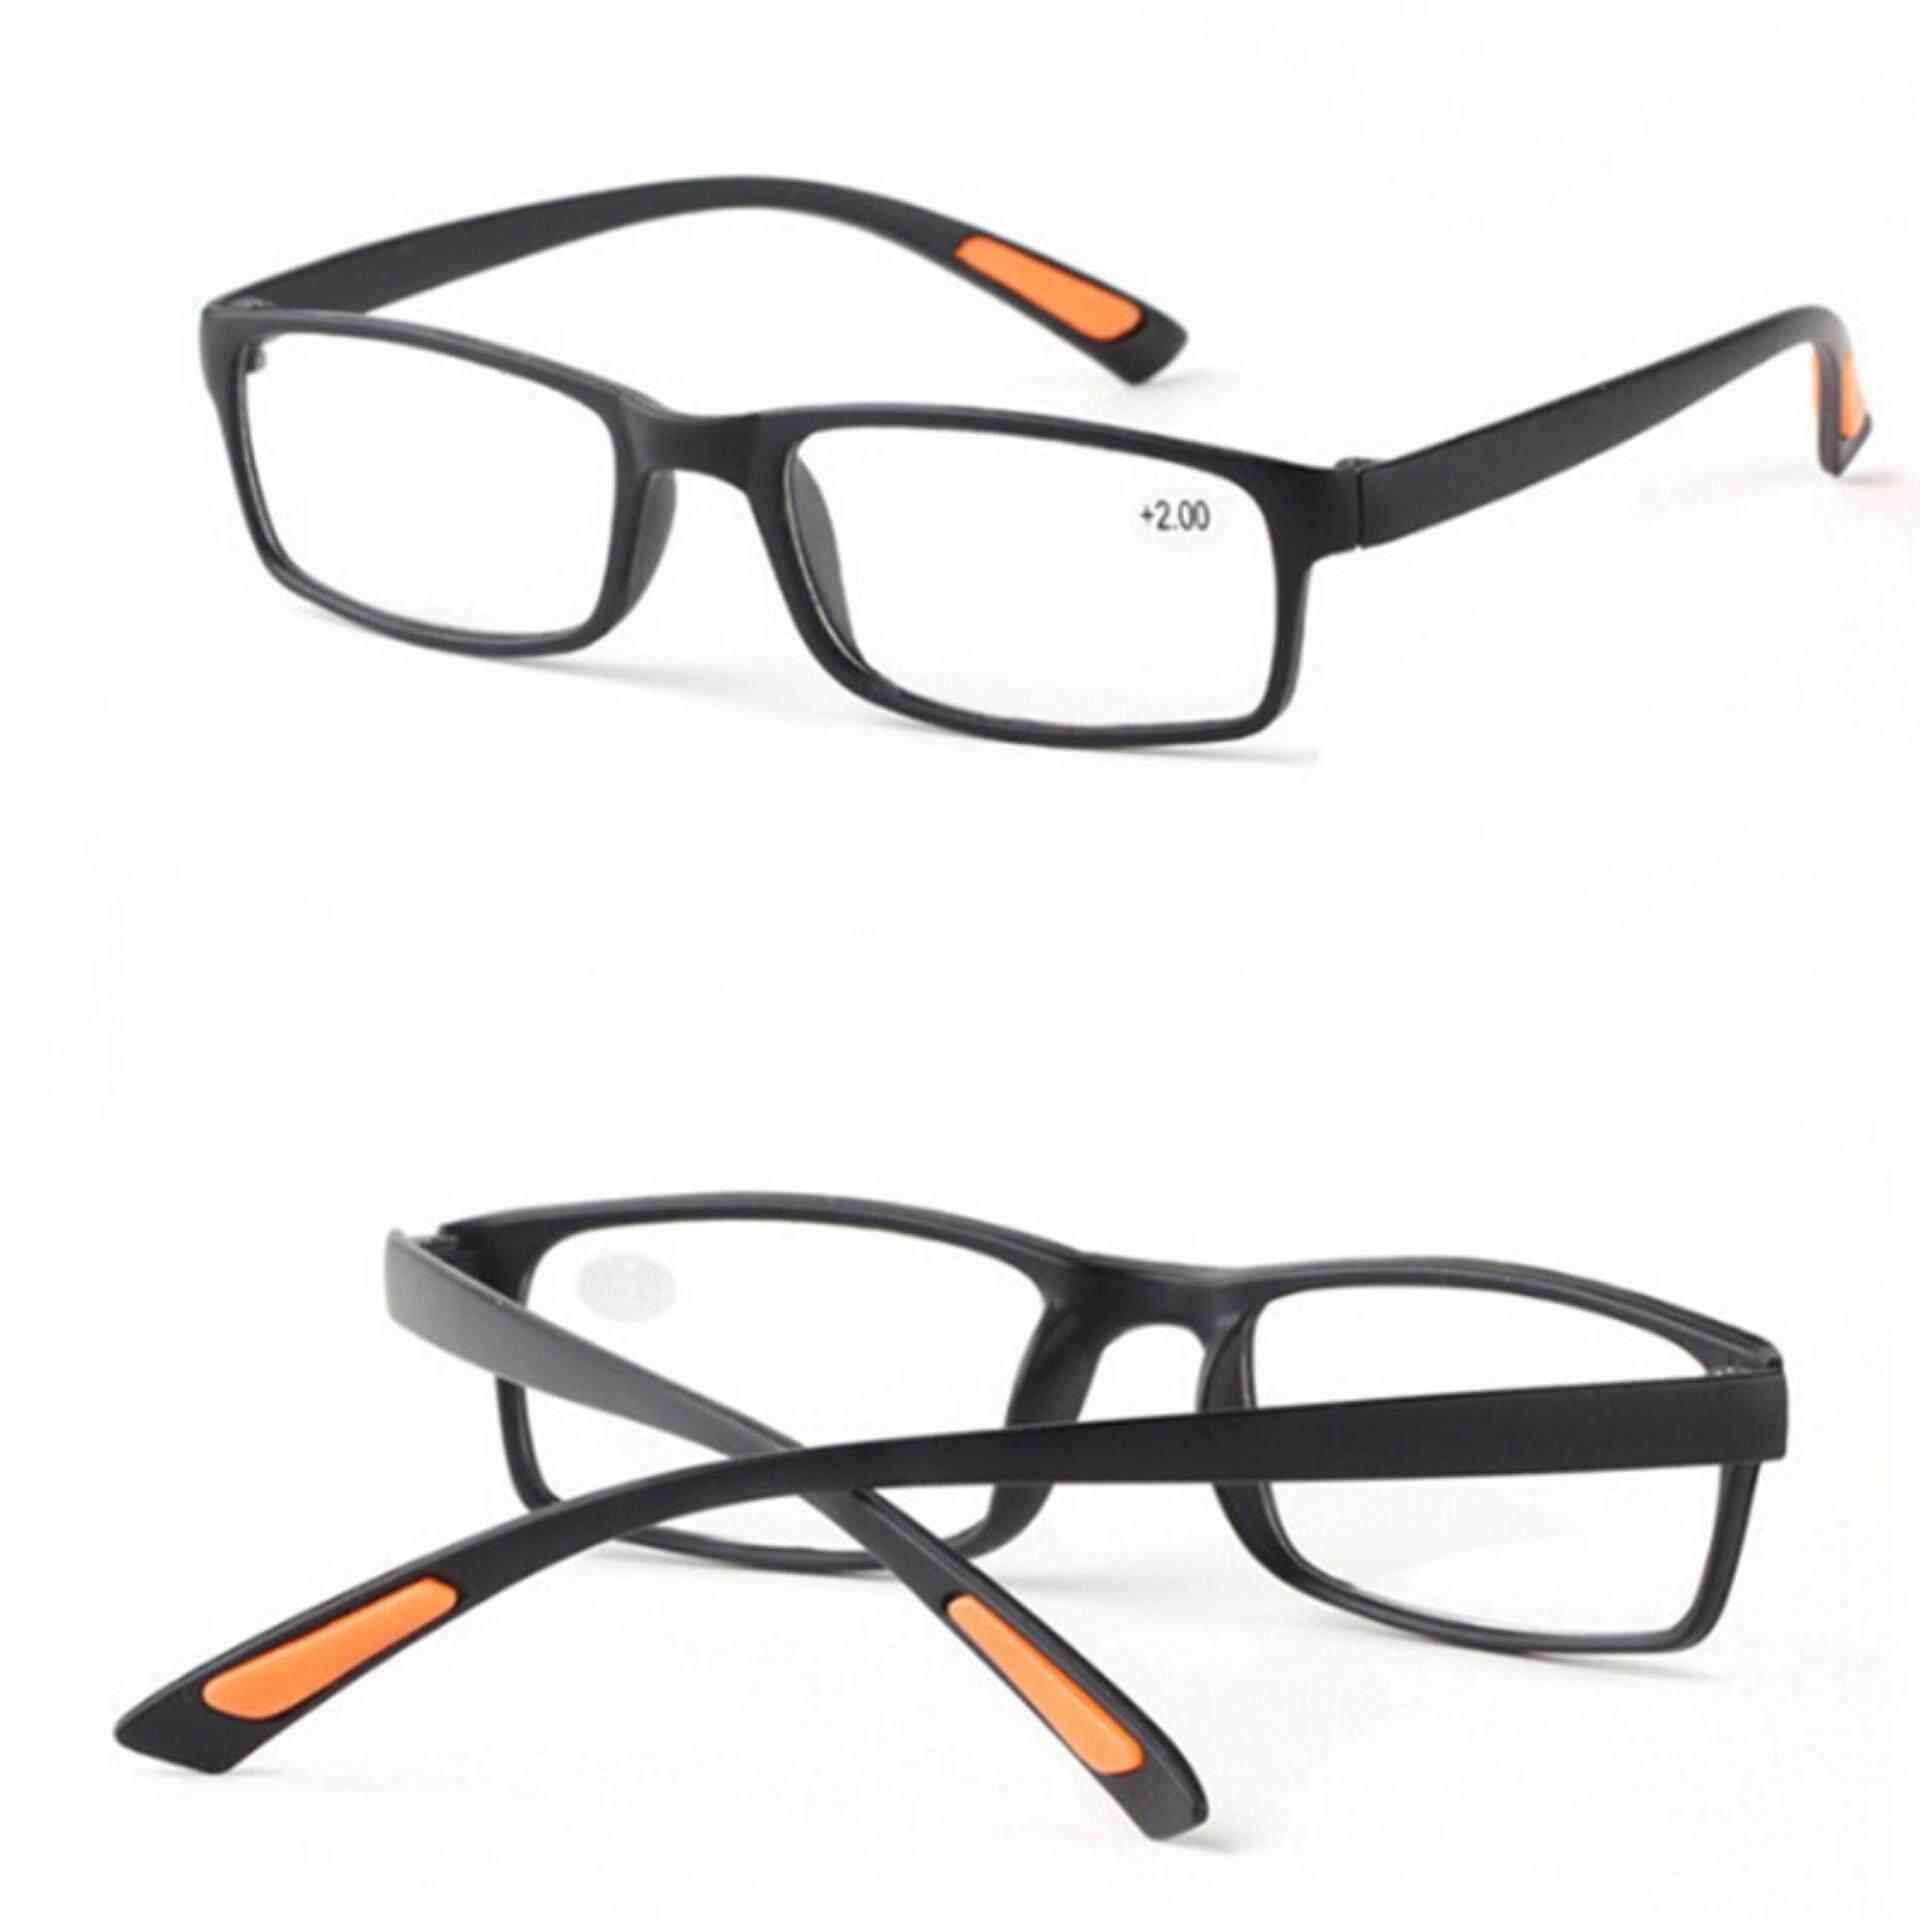 Retro Bingkai Persegi Tidak Ada Garis Kacamata Progresif Lensa Kacamata Baca Uniseks Hitam 350: 140 Mm-Intl